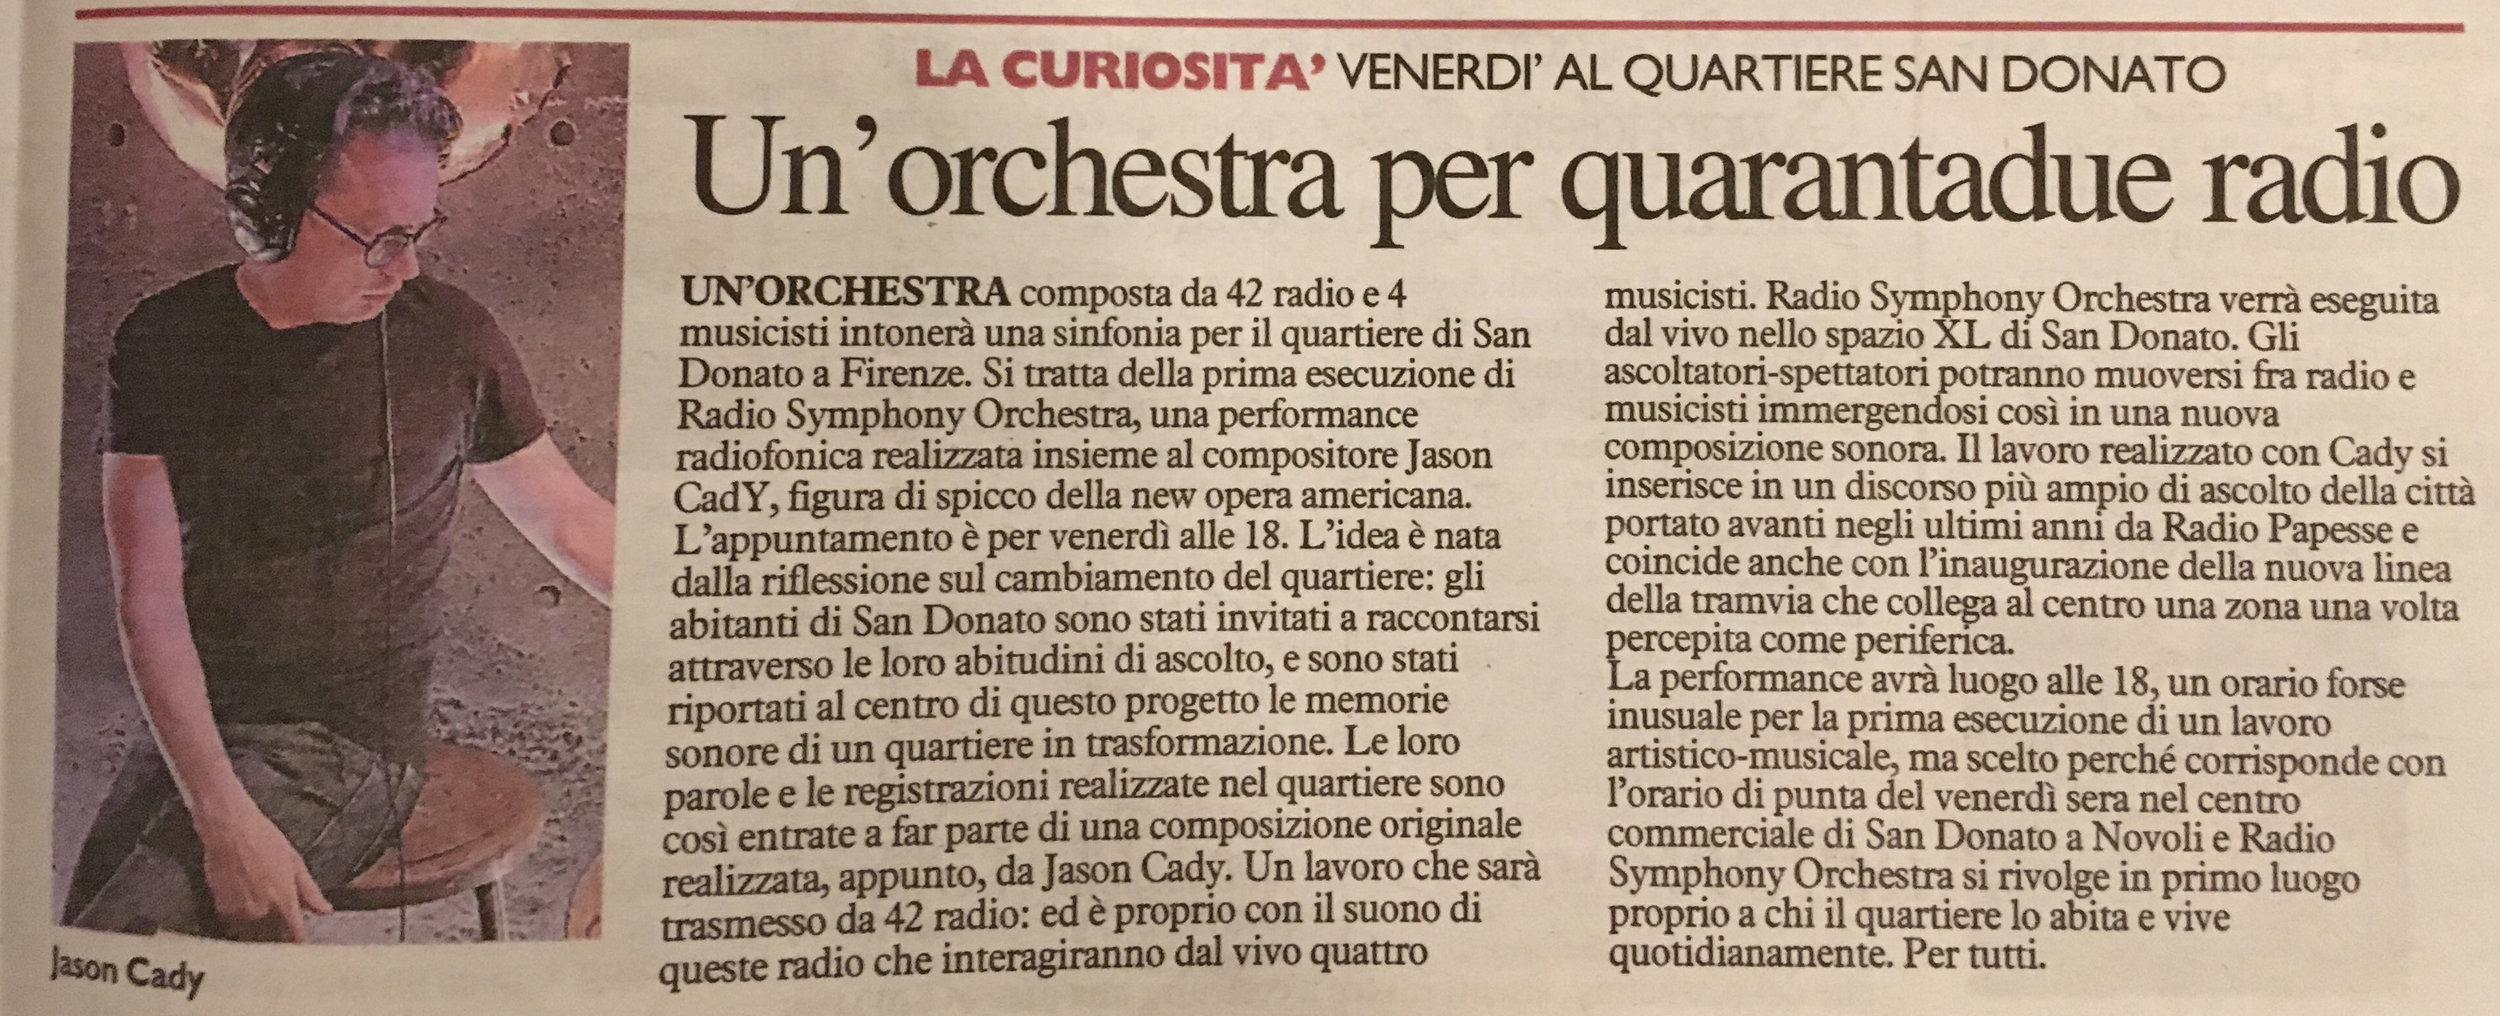 La Nazione, February 19, 2019